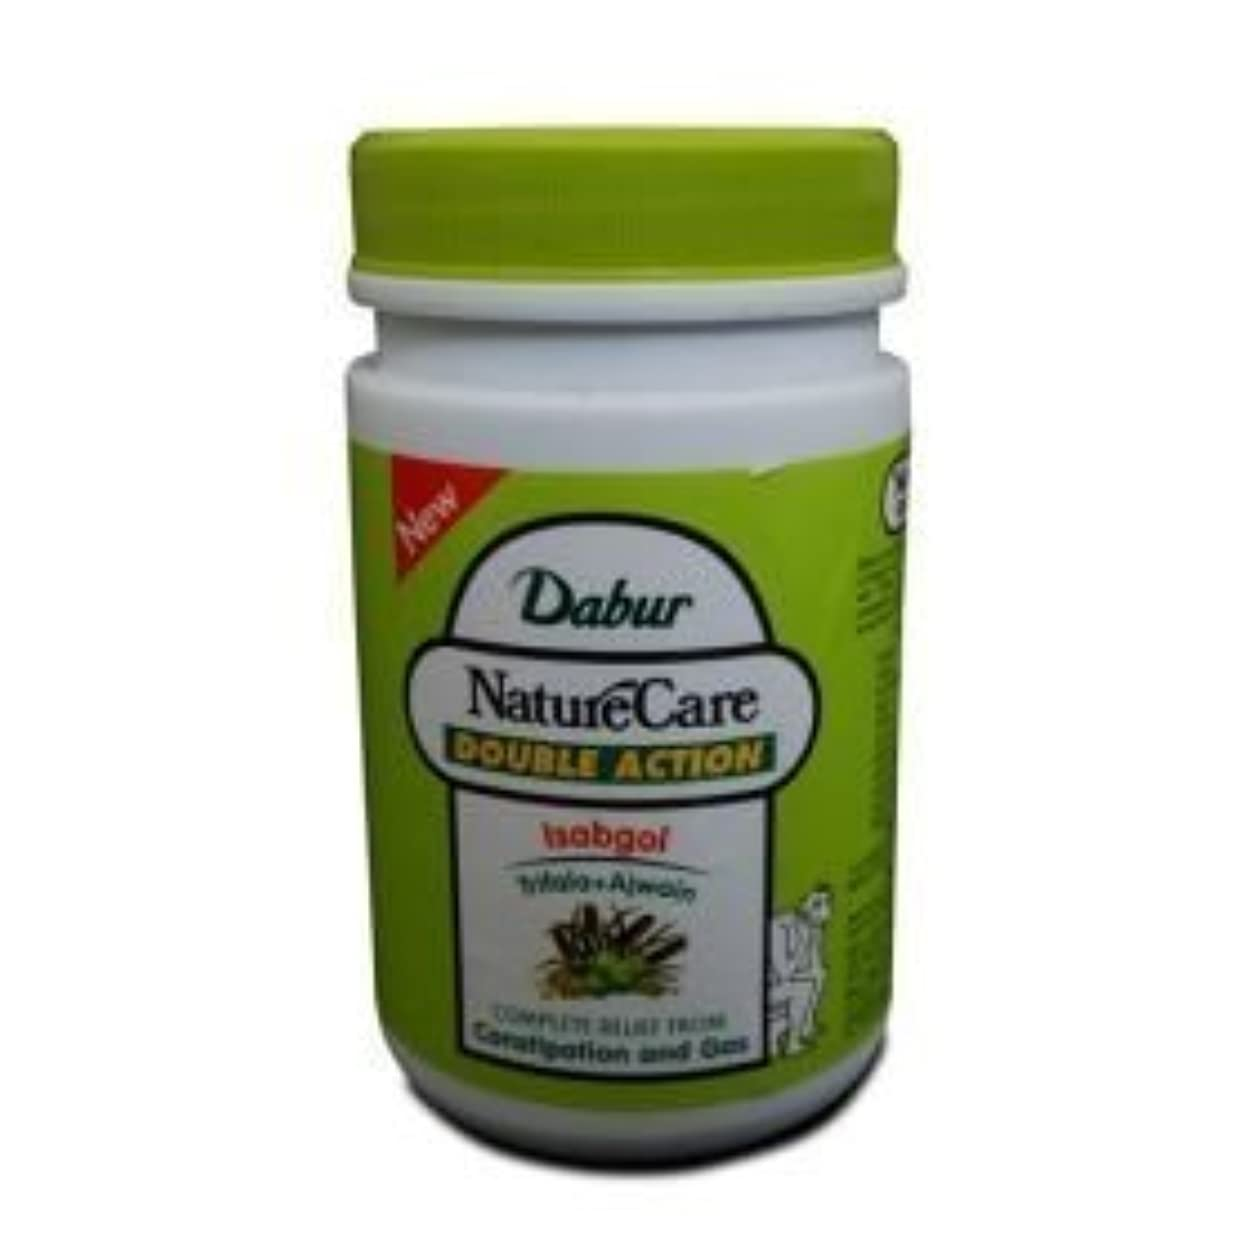 外向き勘違いするボトルネックDabur Naturecare Double Action Isabgol Husk Effective Relief From Gas,constipation 100 Grams by Dabur [並行輸入品]